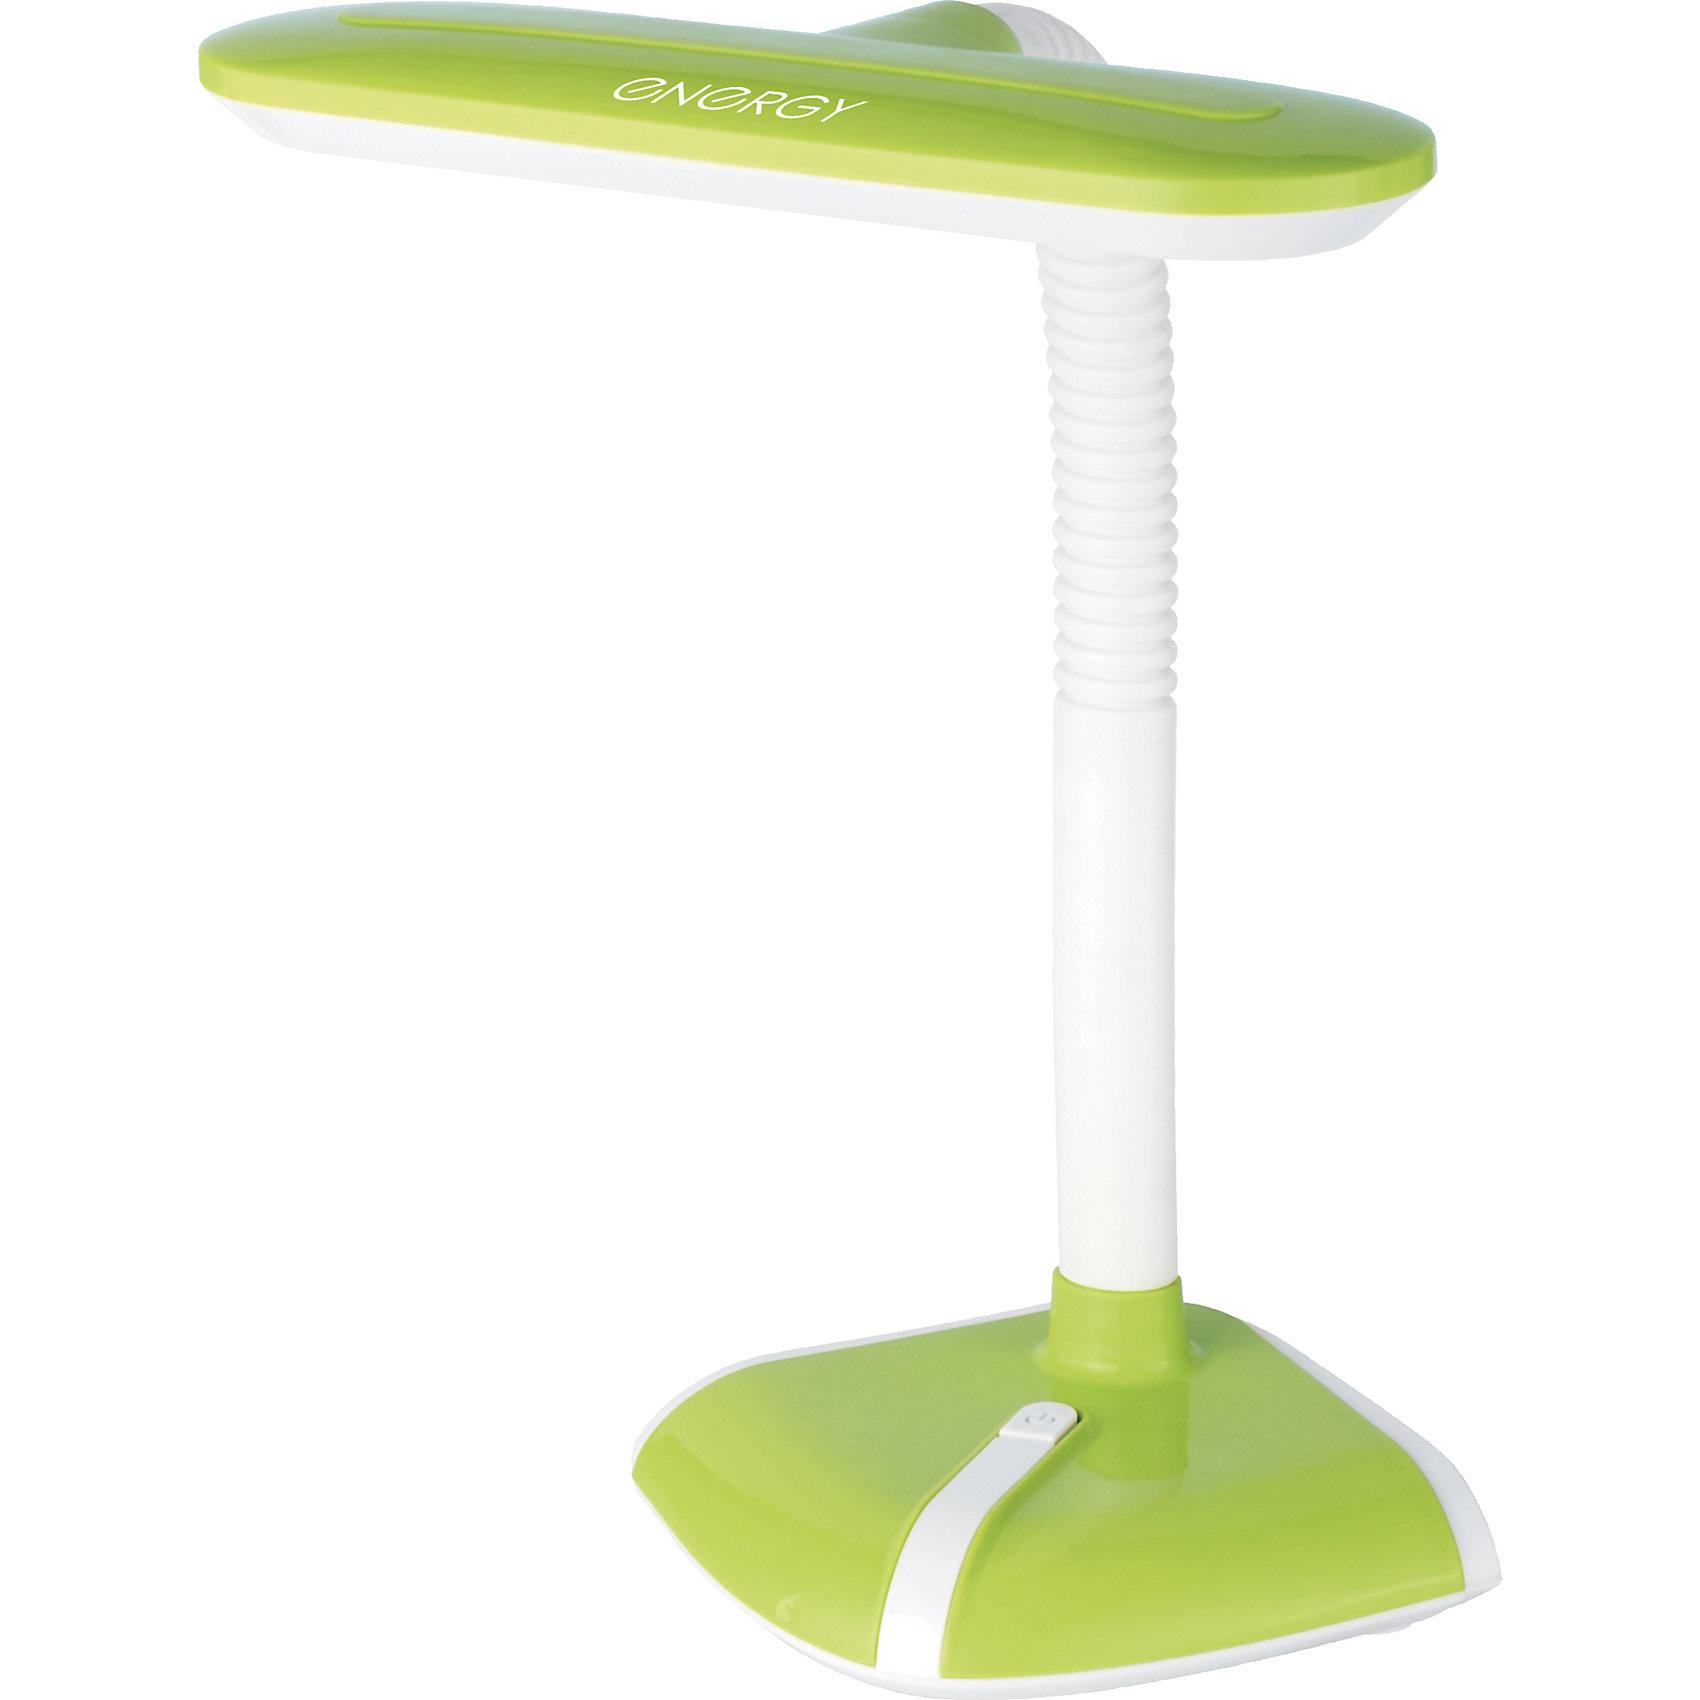 Лампа электрическая настольная EN-LED21, ENERGY, бело-зеленаяЛампы, ночники, фонарики<br>Лампа электрическая настольная EN-LED21, ENERGY (Энерджи), бело-зеленая<br><br>Характеристики:<br><br>• современный дизайн<br>• светодиодная лампа<br>• световой поток: 300 лм<br>• мощность: 4 Вт<br>• длина шнура: 1,2 м<br>• цвет: белый/зеленый<br>• материал: пластик, металл<br><br>Настольная светодиодная лампа станет надежным помощником в темное время суток. Лампы EN-LED21 хватит для полноценного освещения рабочего места. Настольная лампа имеет современный дизайн и удобно располагается на любом столе. Длина шнура составляет 1,2 метра. Это позволит вам расположить лампу вдали от розетки. Гибкая ножка позволяет регулировать направление освещения. Мощность - 4 Вт.<br><br>Лампу электрическую настольную EN-LED21, ENERGY (Энерджи), бело-зеленую можно купить в нашем интернет-магазине.<br><br>Ширина мм: 190<br>Глубина мм: 180<br>Высота мм: 250<br>Вес г: 933<br>Возраст от месяцев: 216<br>Возраст до месяцев: 1188<br>Пол: Унисекс<br>Возраст: Детский<br>SKU: 5454019